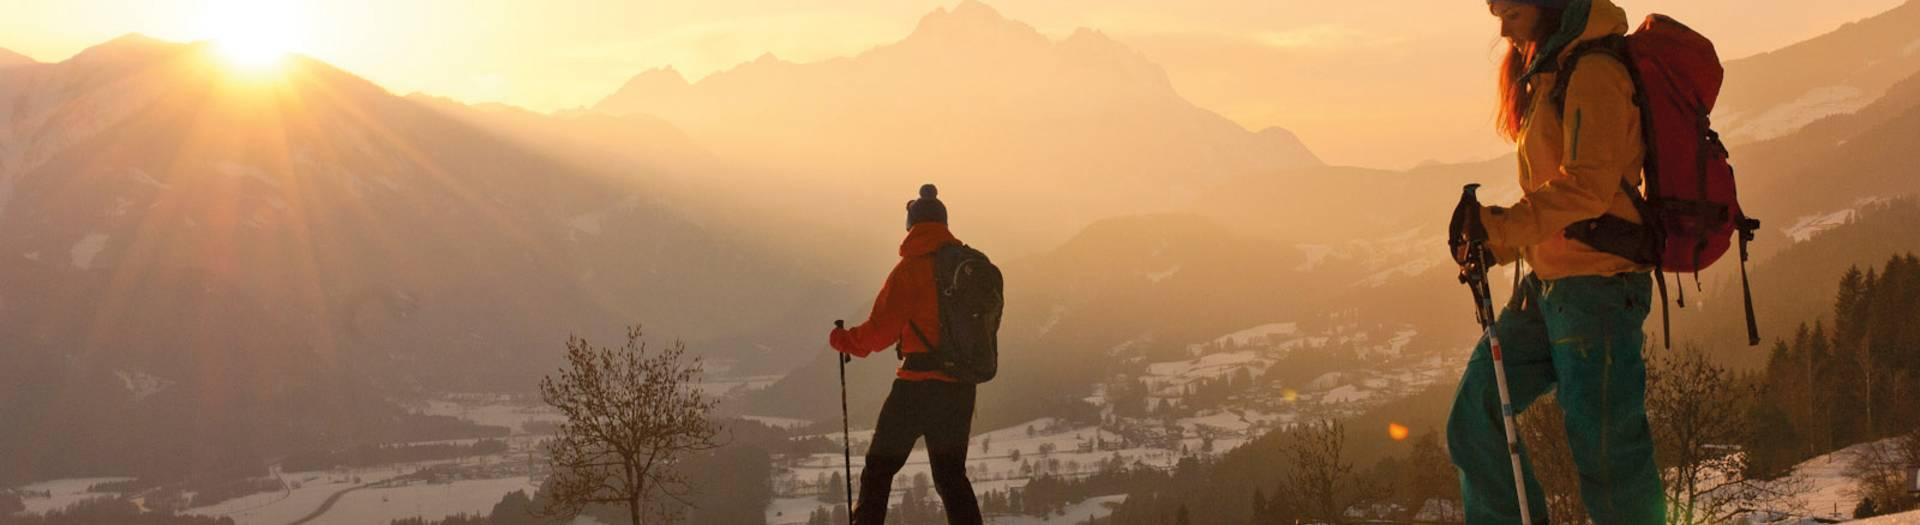 Leppner Alm Schneeschuhwandern